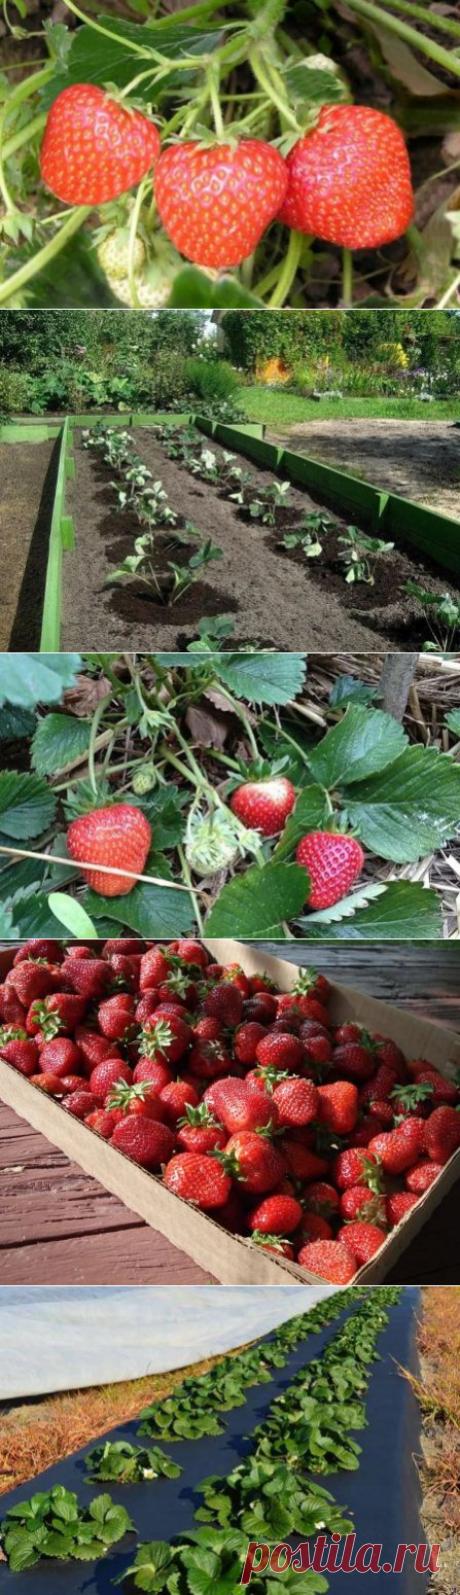 Клубника Альфа: описание сорта садовой земляники, посадка, уход